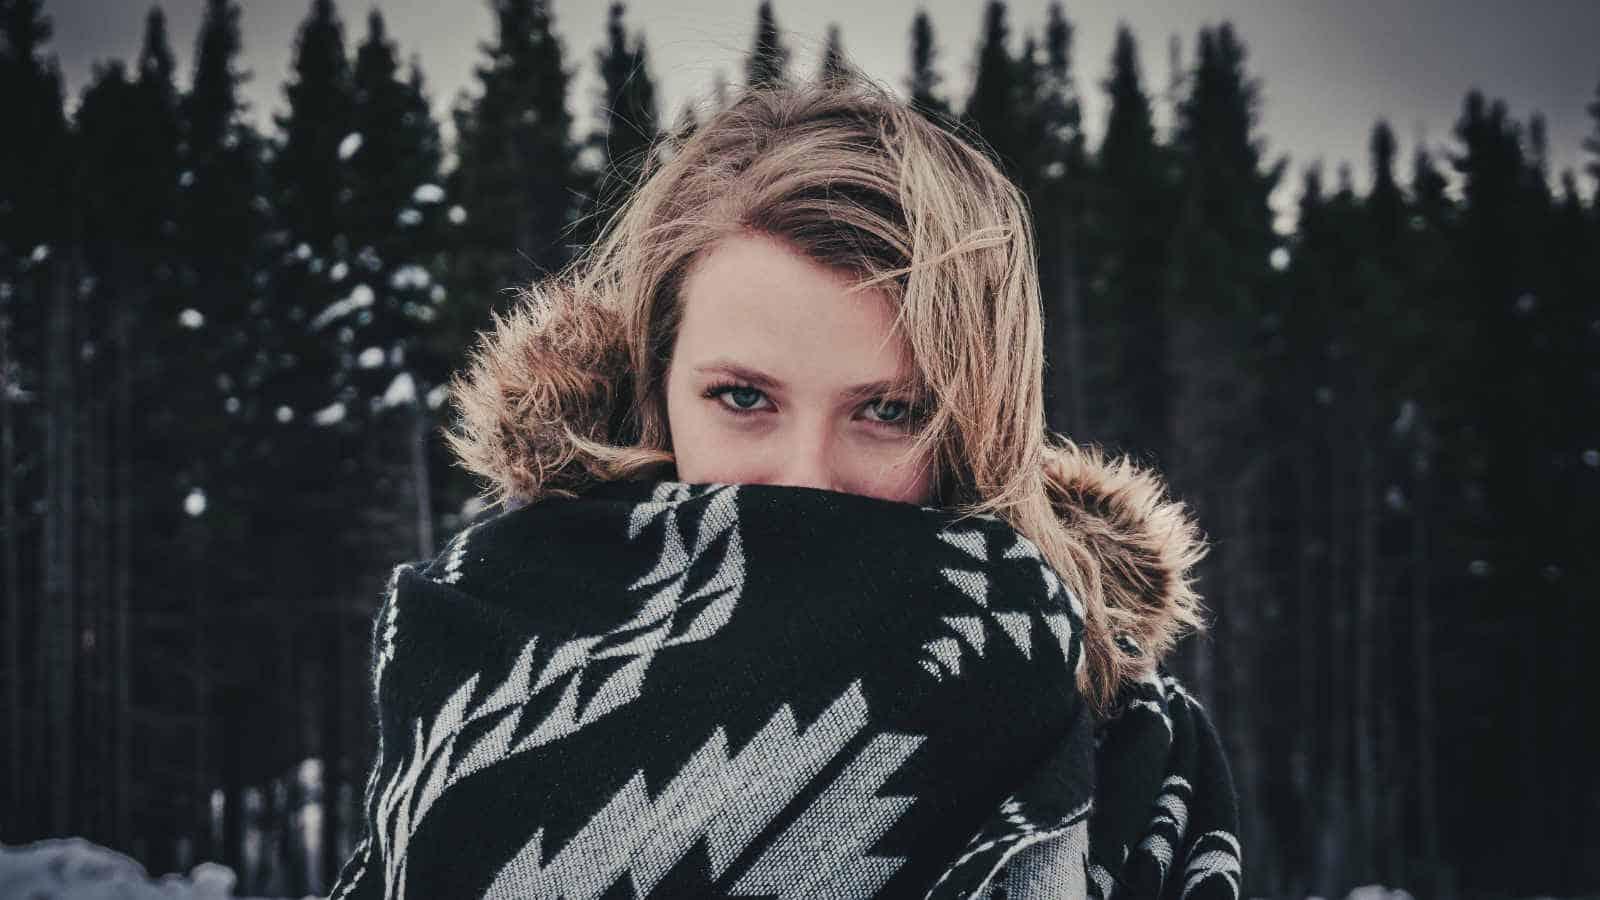 Unterkühlung (Hypothermie)- Erste-Hilfe-Tipps, Ursachen & Symptome